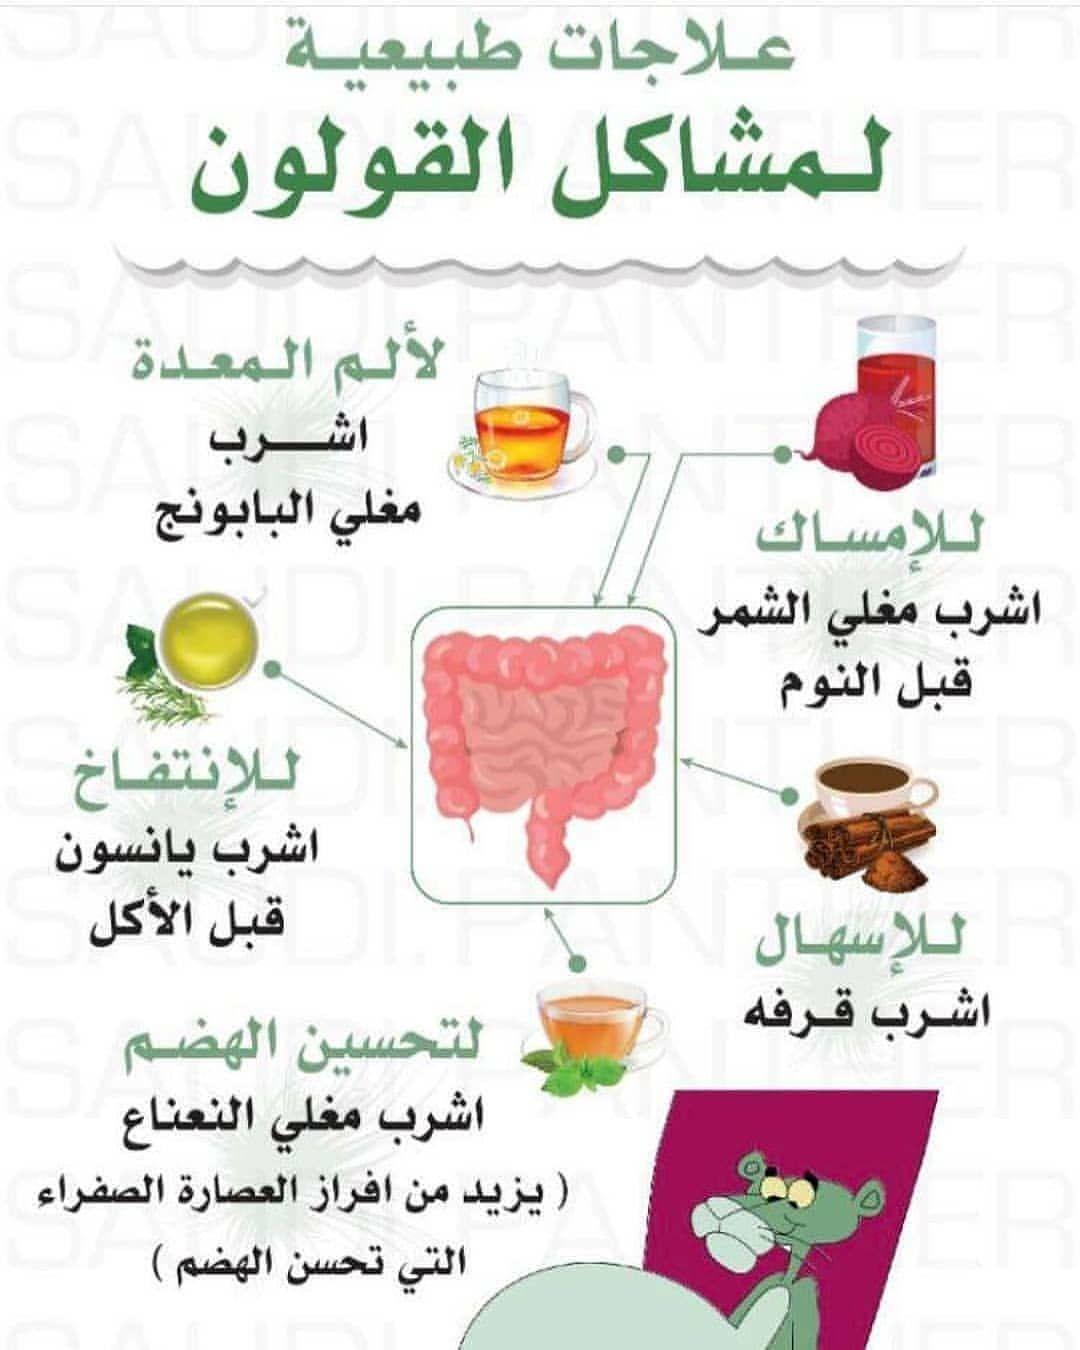 اذا عجبك الموضوع اثبت وجودك بإعجاب شارك الموضوع مع صديق للاستفادة للمزيد تابعن Health Fitness Food Health Facts Food Health Fitness Nutrition